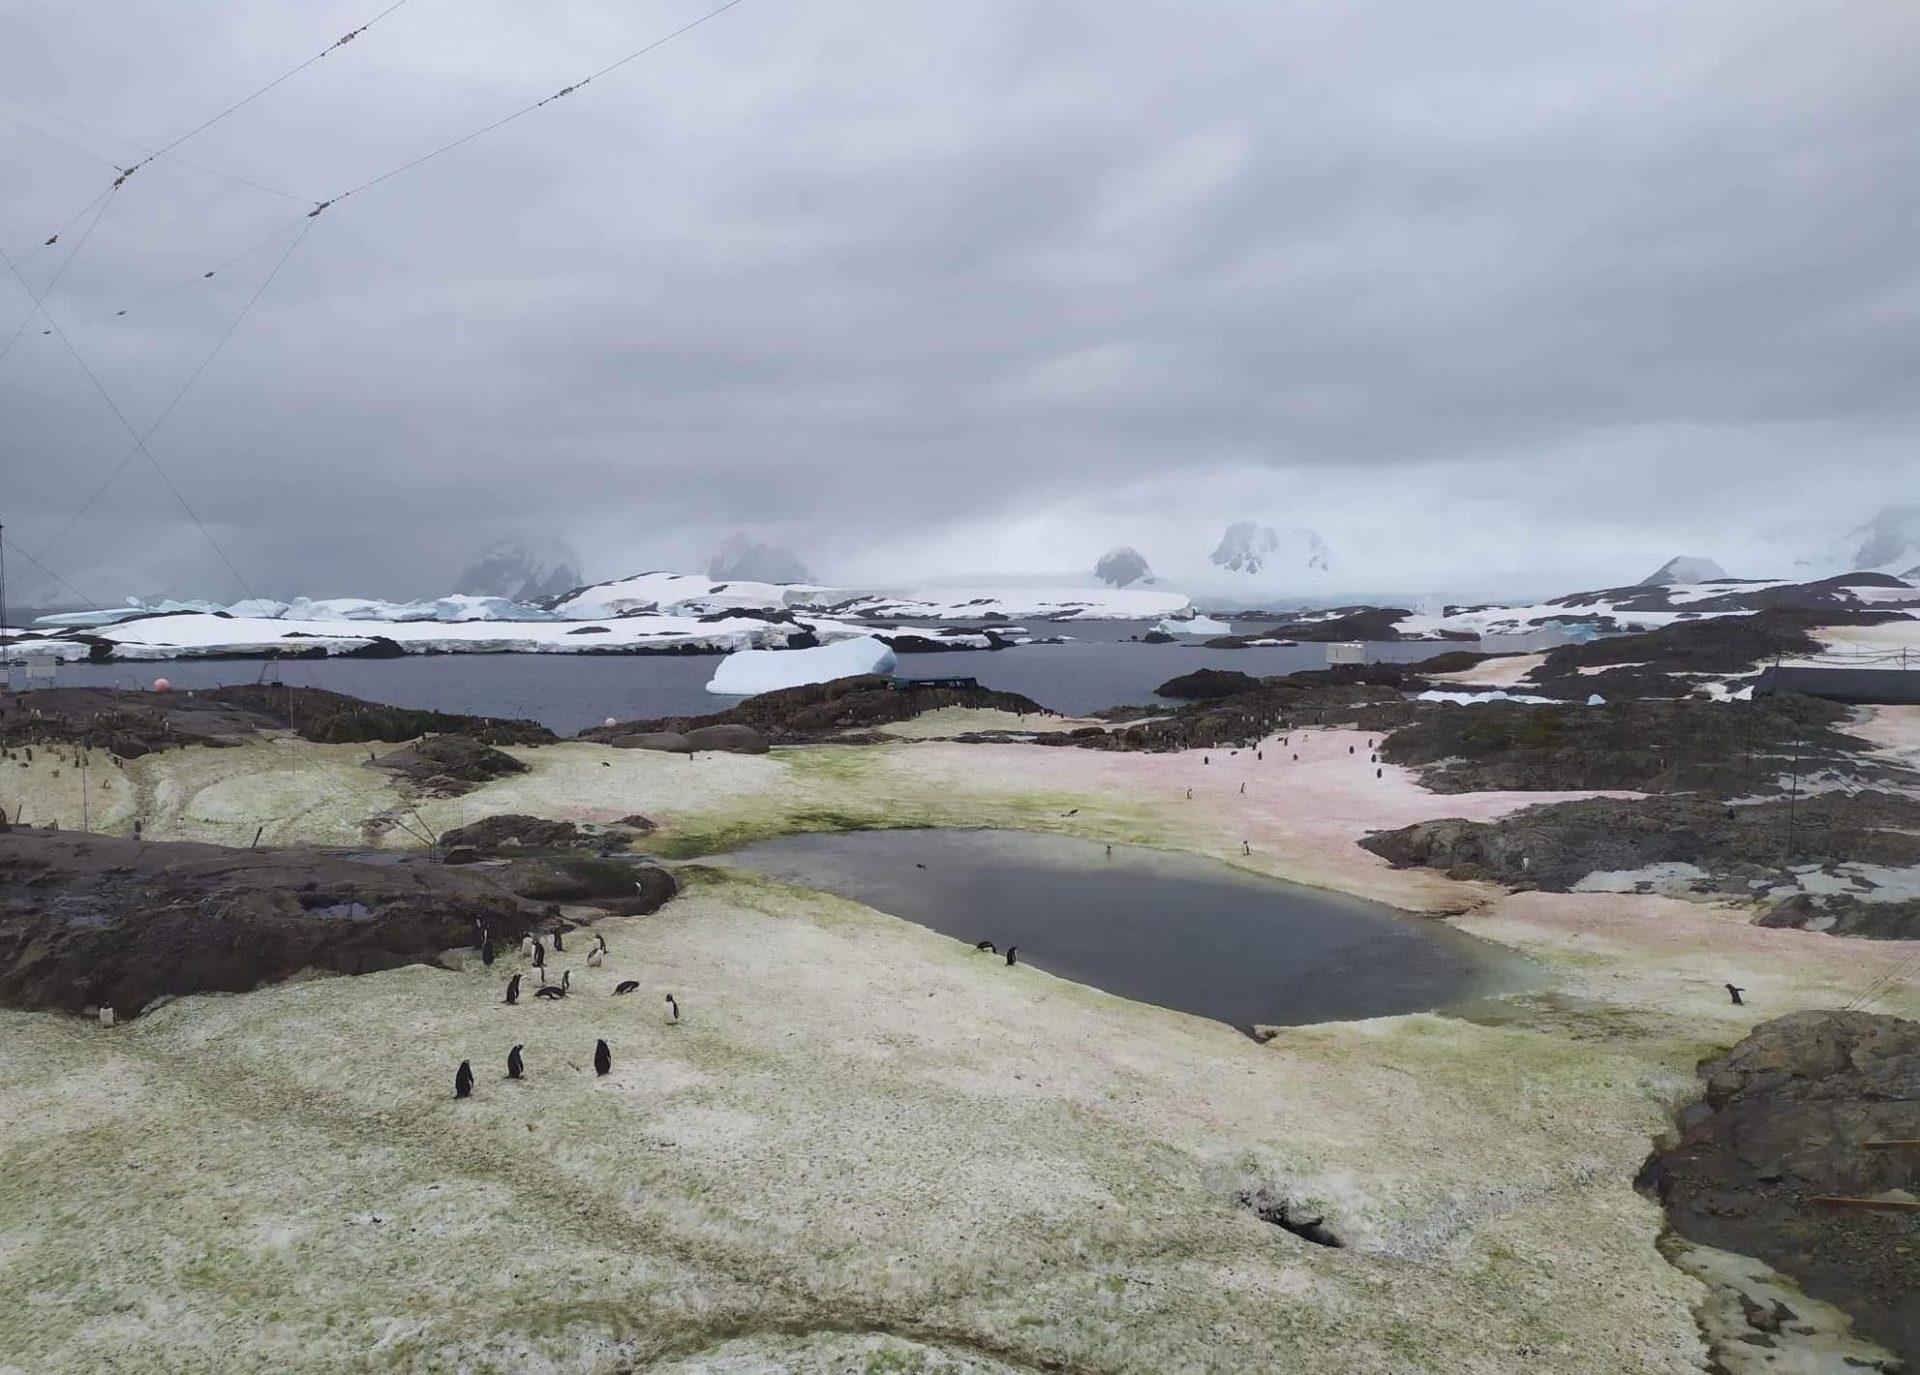 В Антарктиде появился зелено-малиновый снег